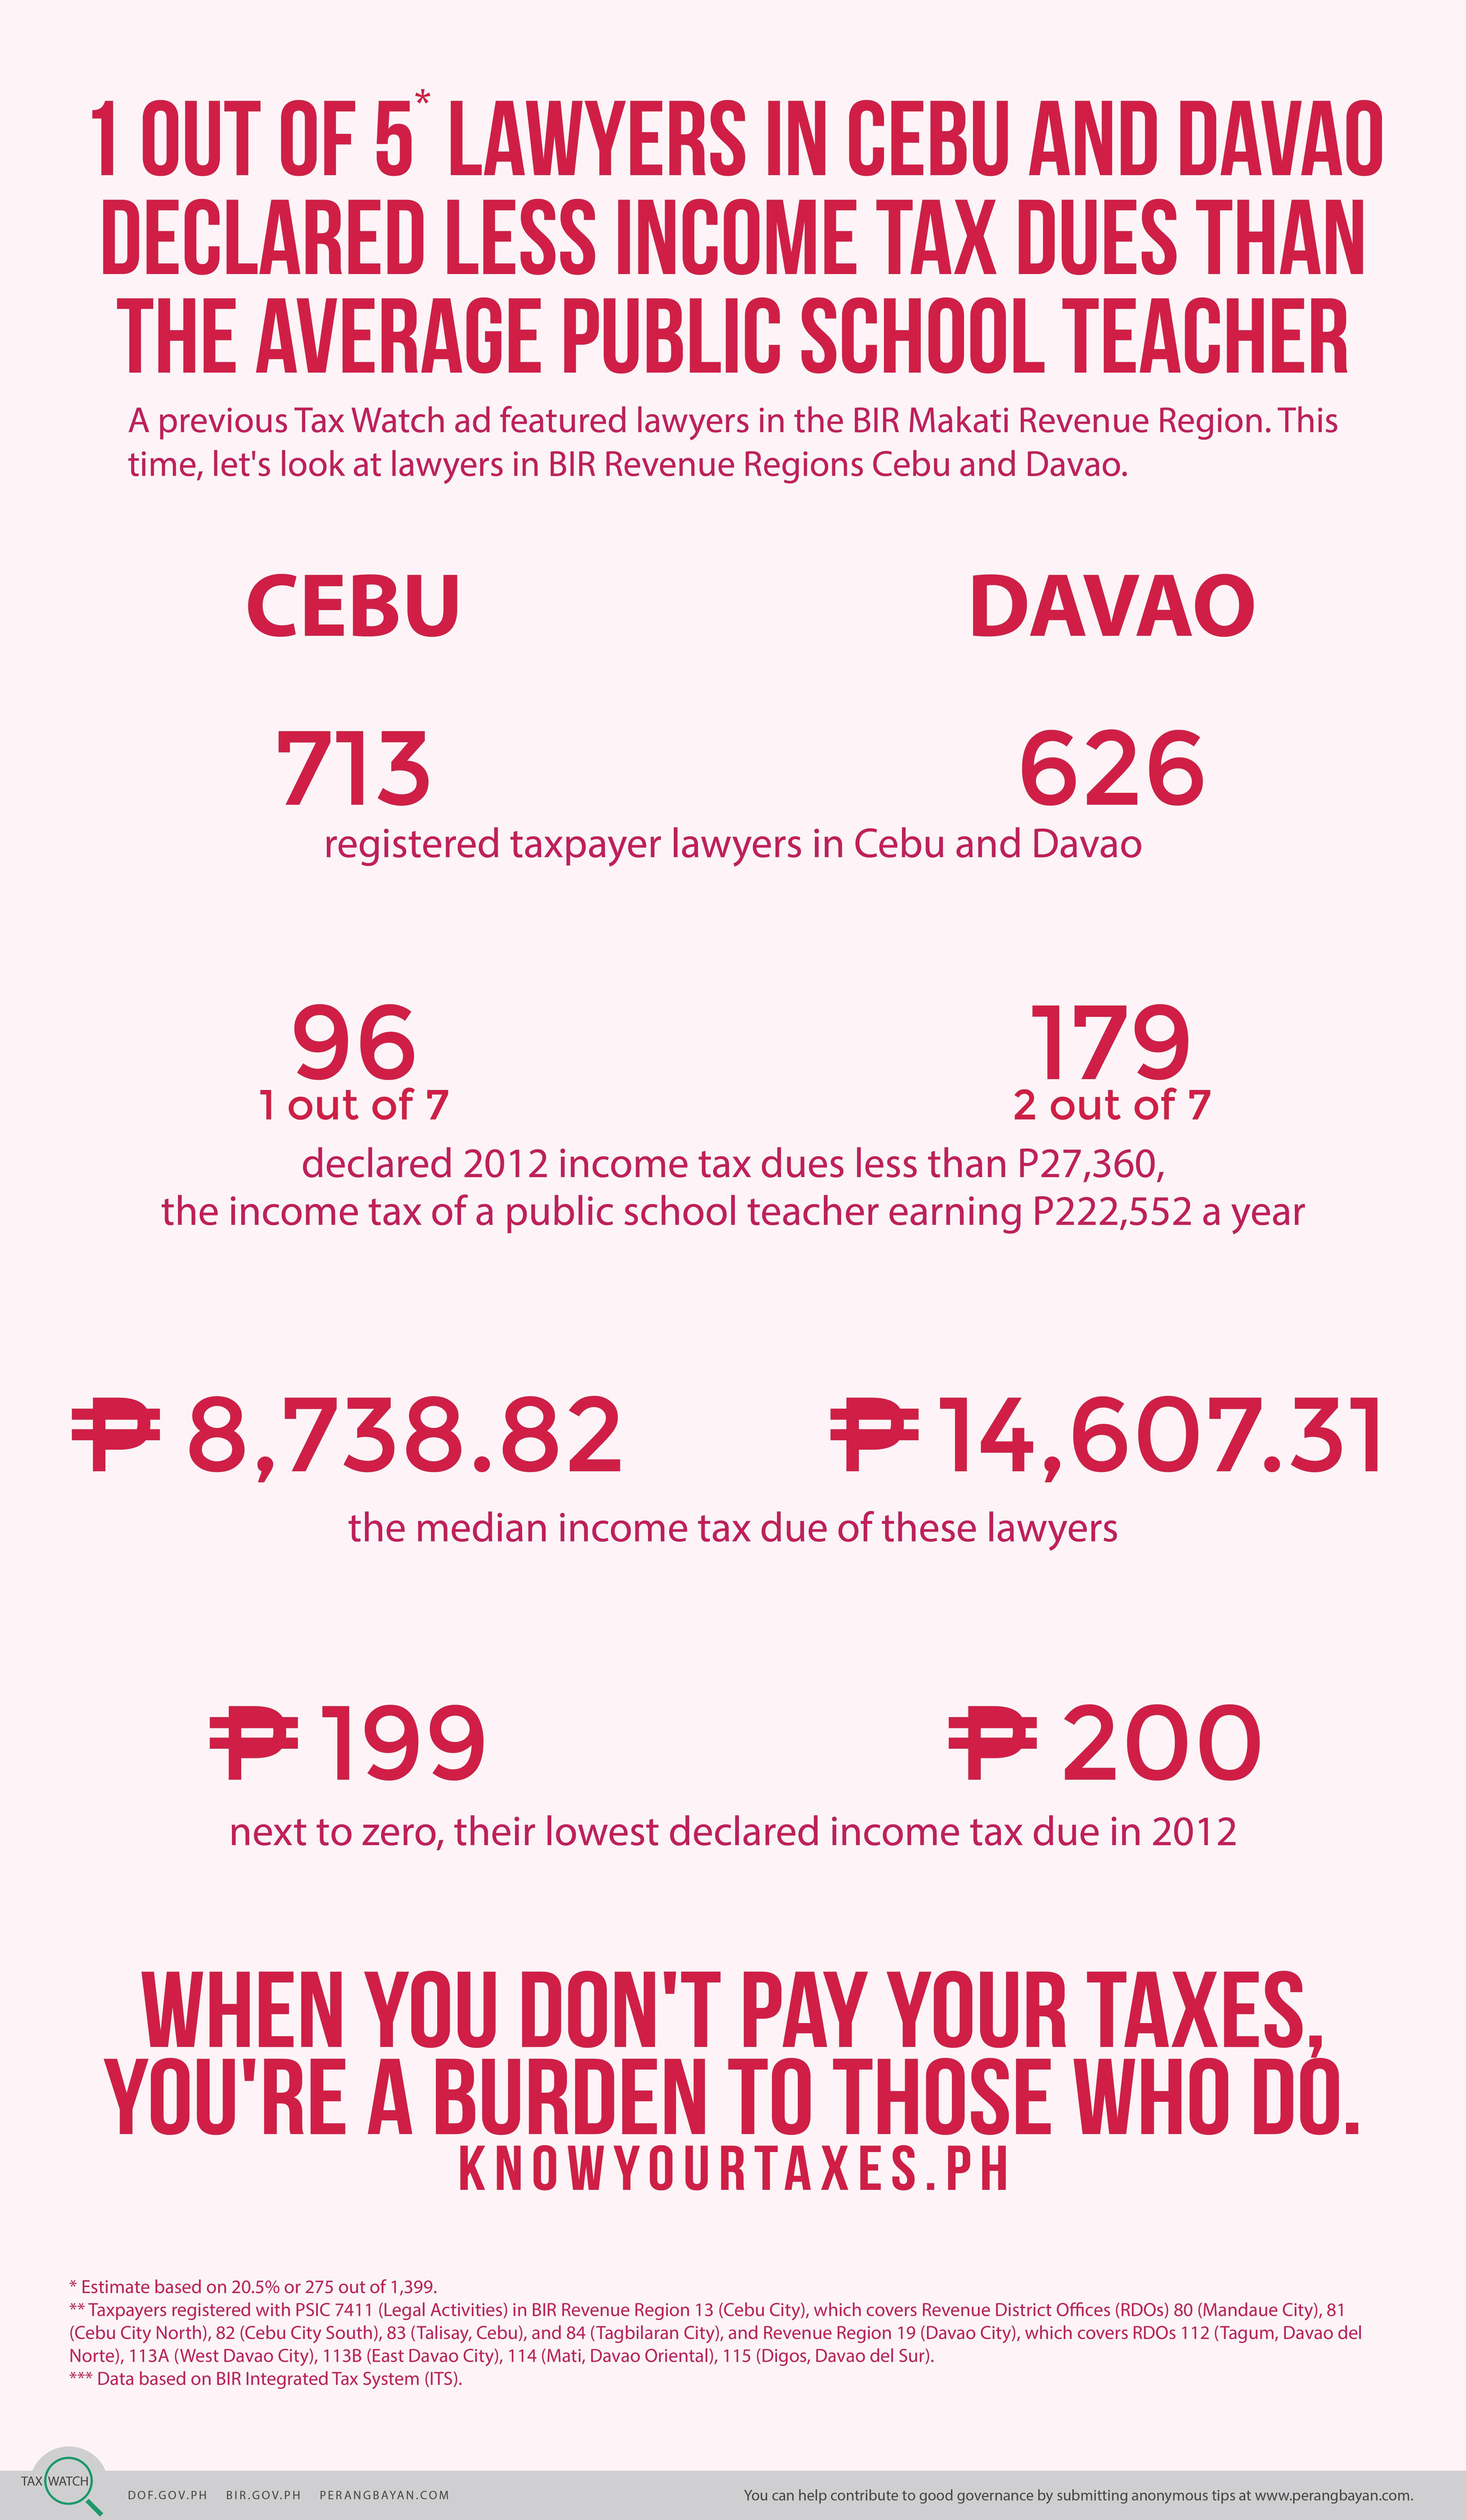 Tax Watch 37 Davao Cebu Lawyers (web)_043014-01